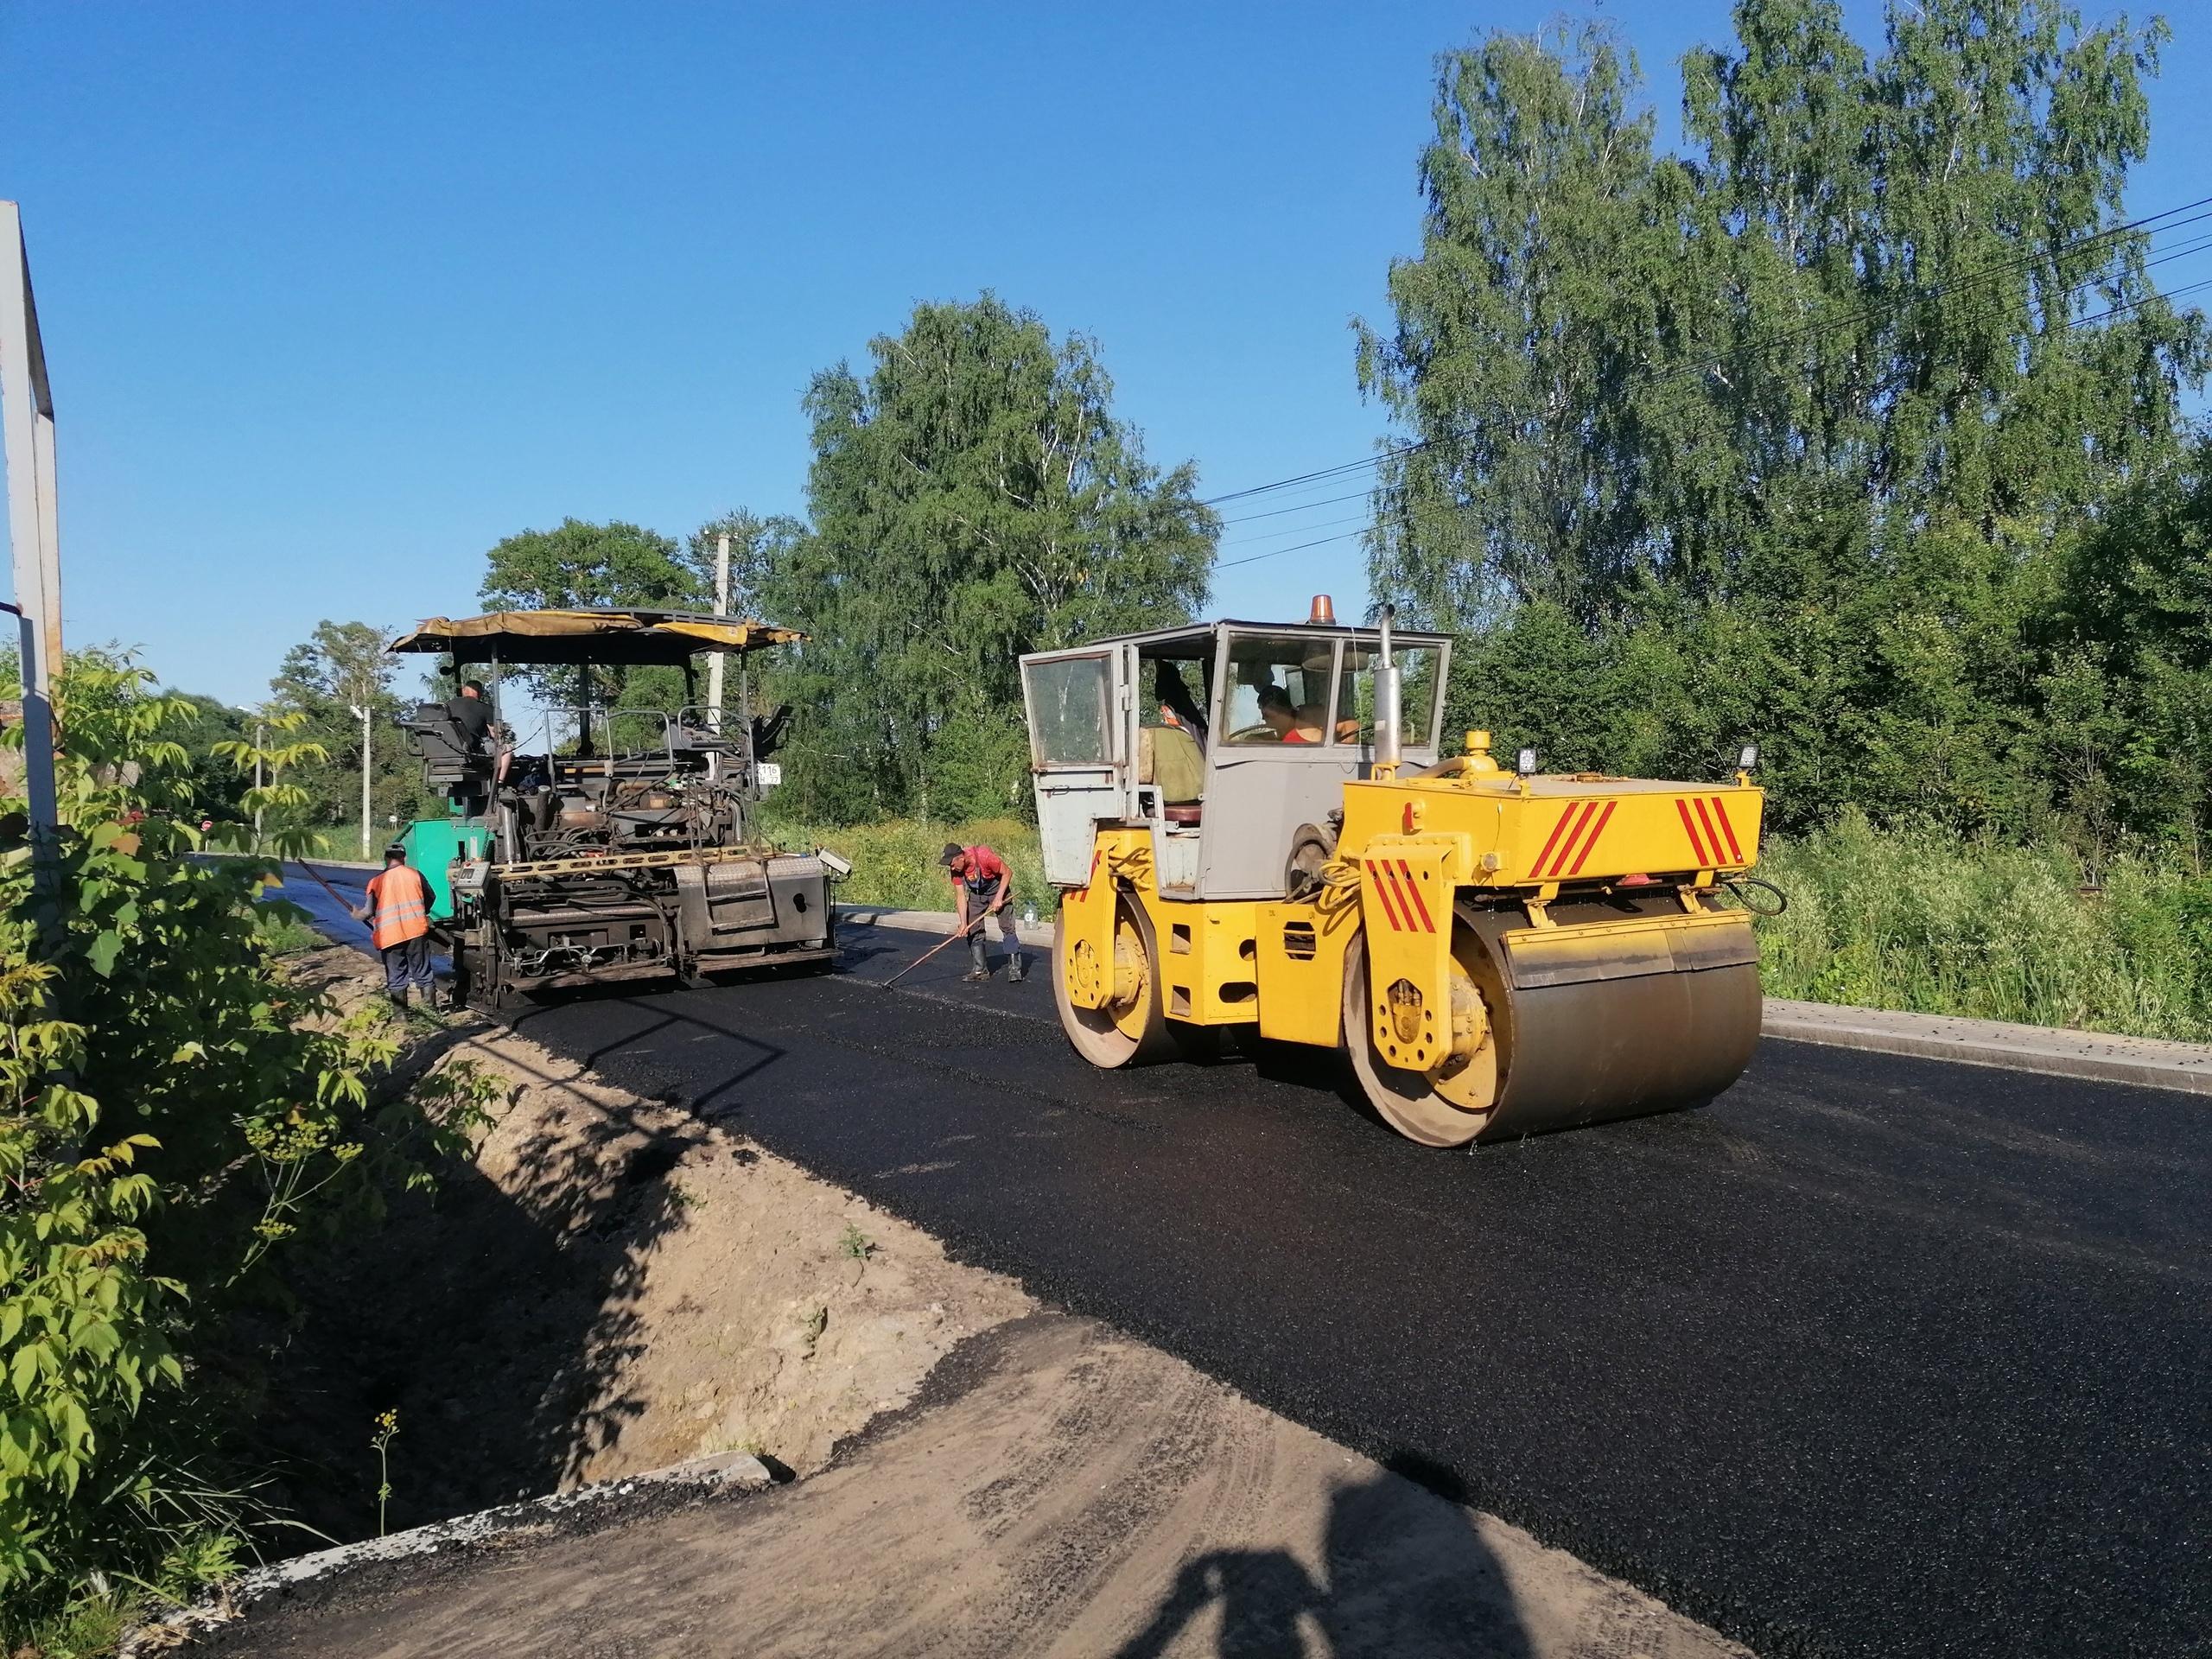 В Конаковском районе по госпрограмме ремонтируют 15 объектов улично-дорожной сети